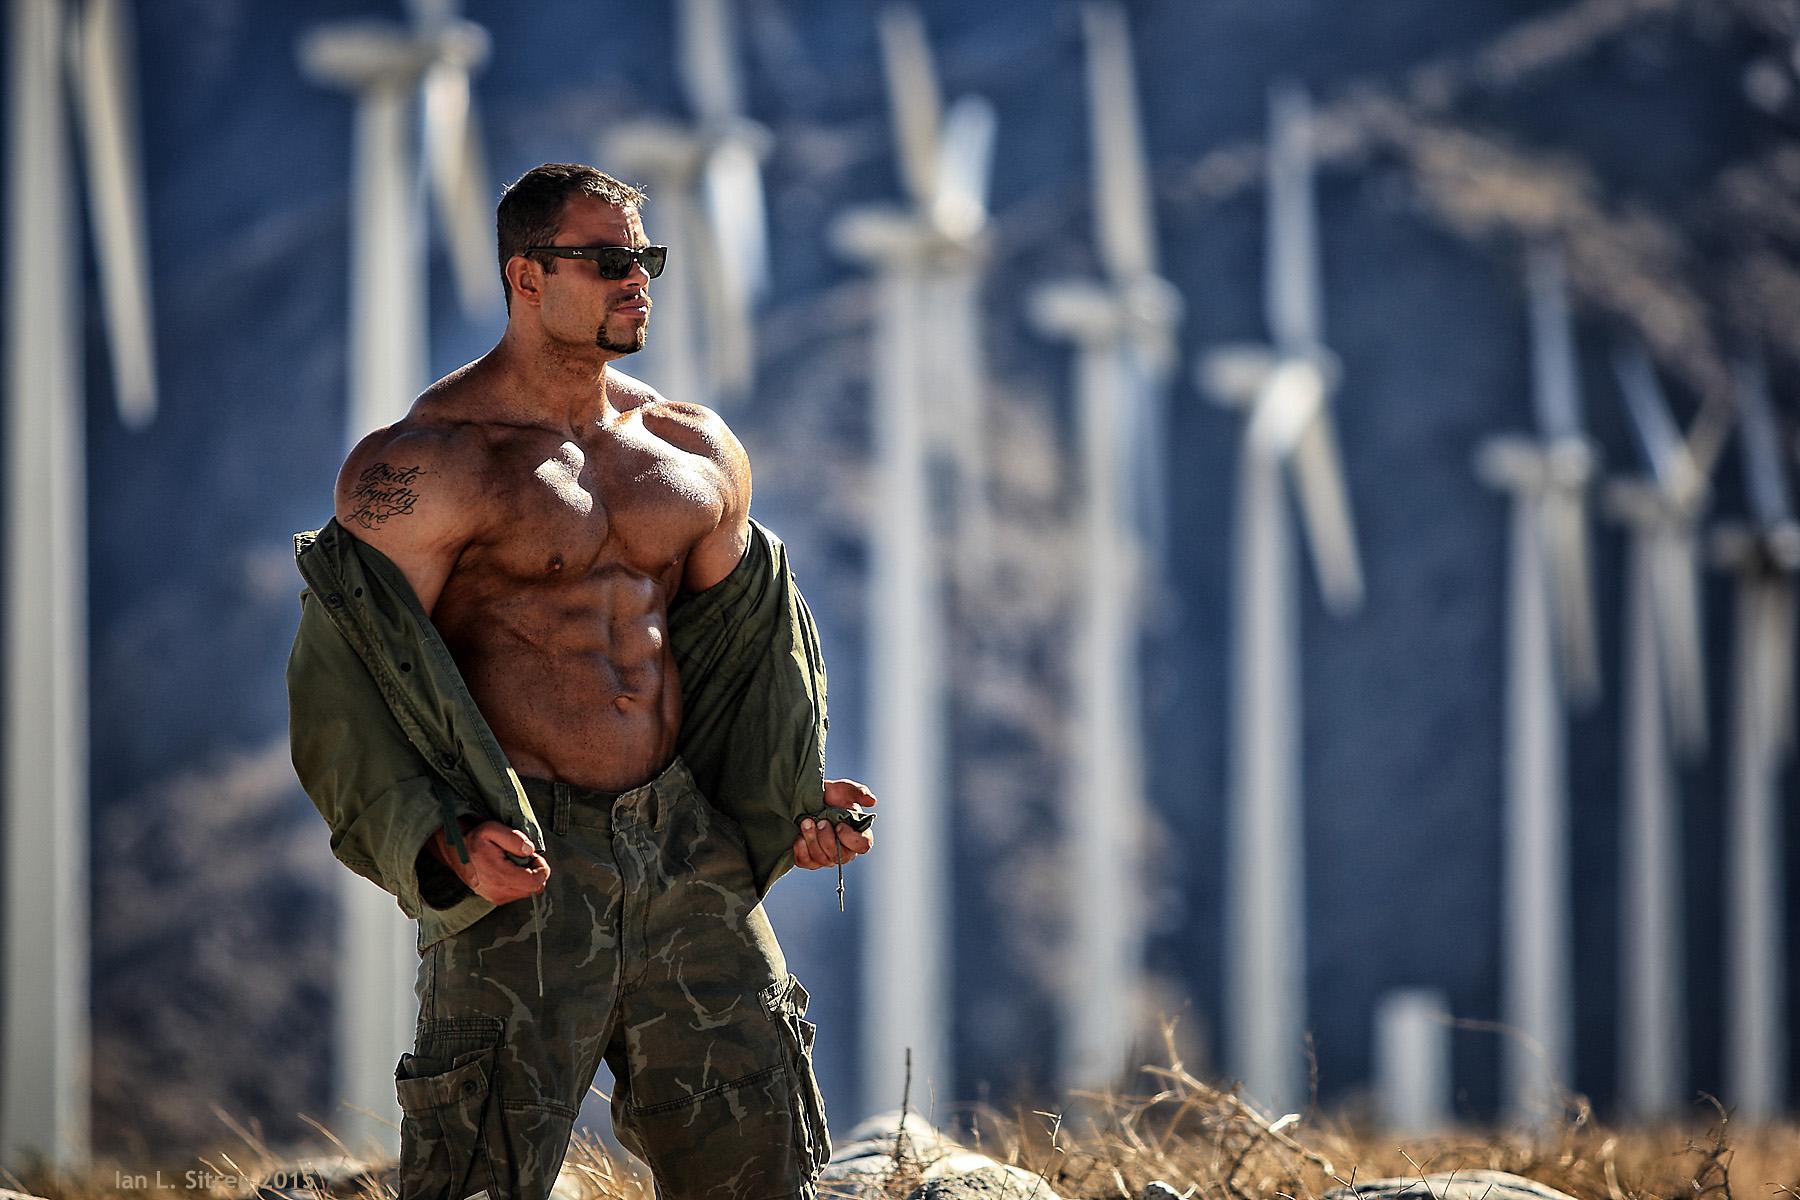 Are mistaken. Photos of sexy windmills similar